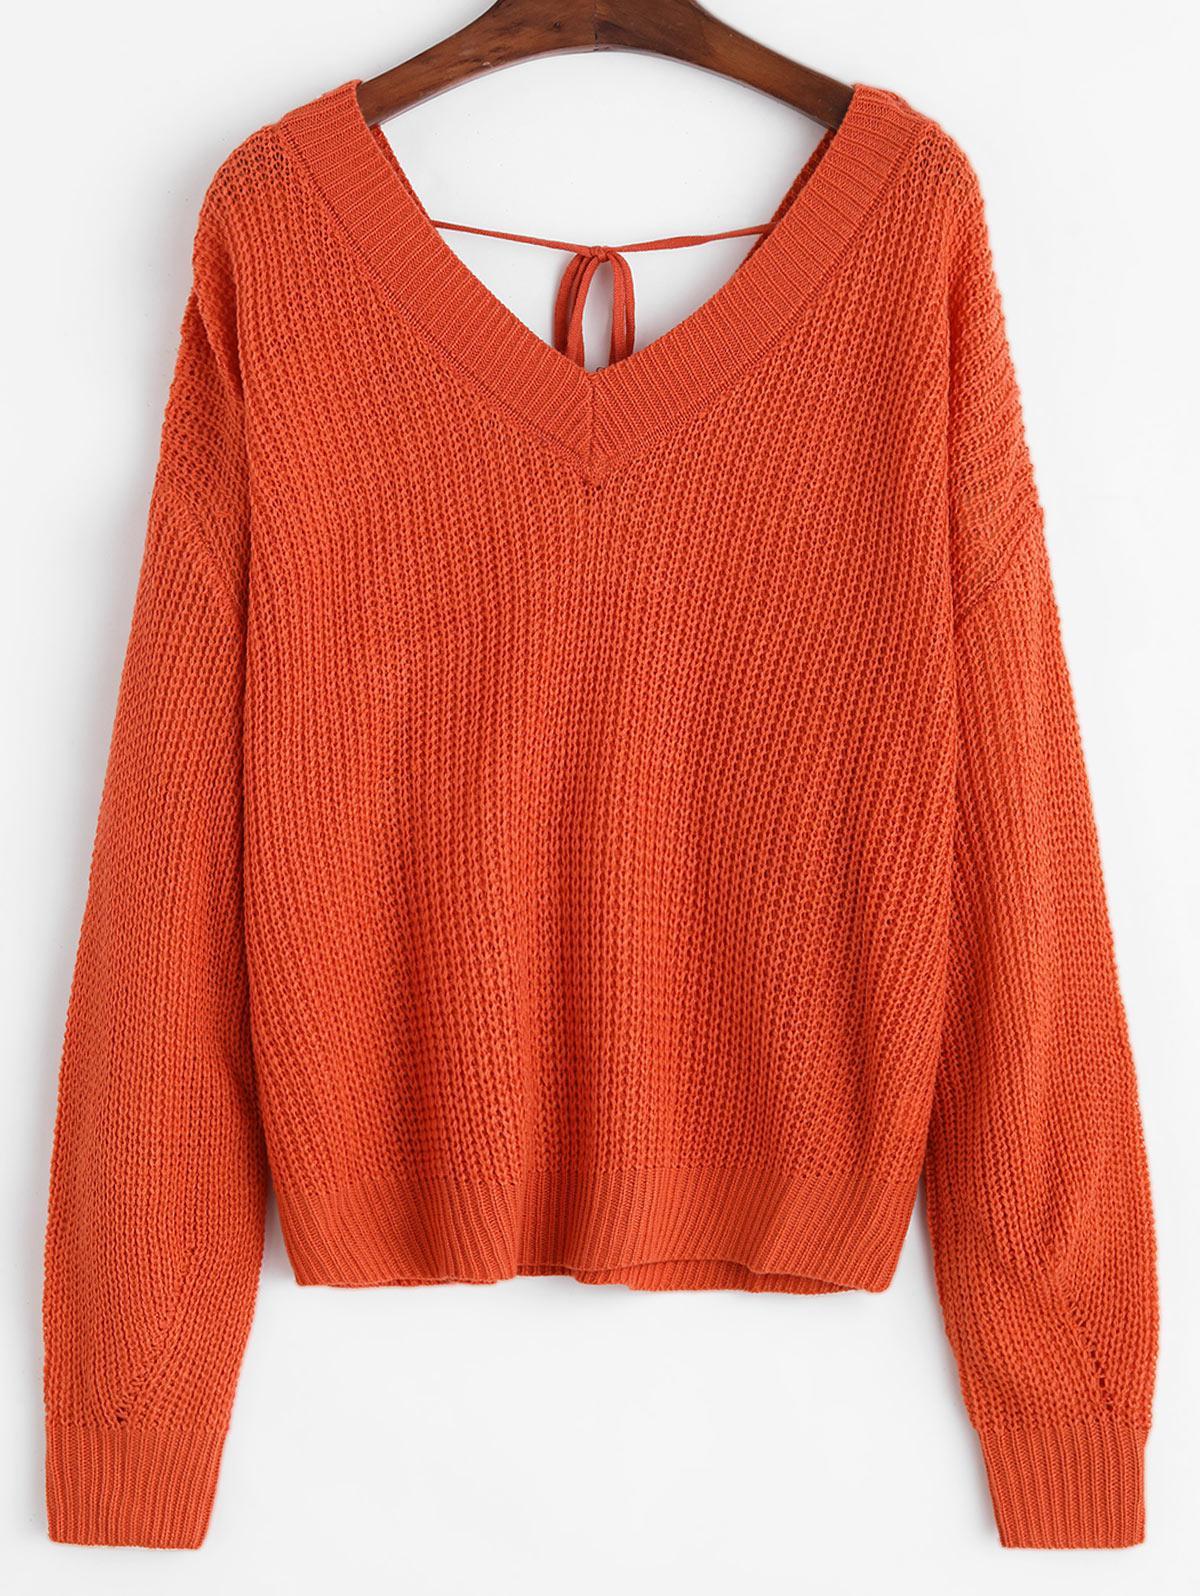 Solid Tie Back V Neck Jumper Sweater